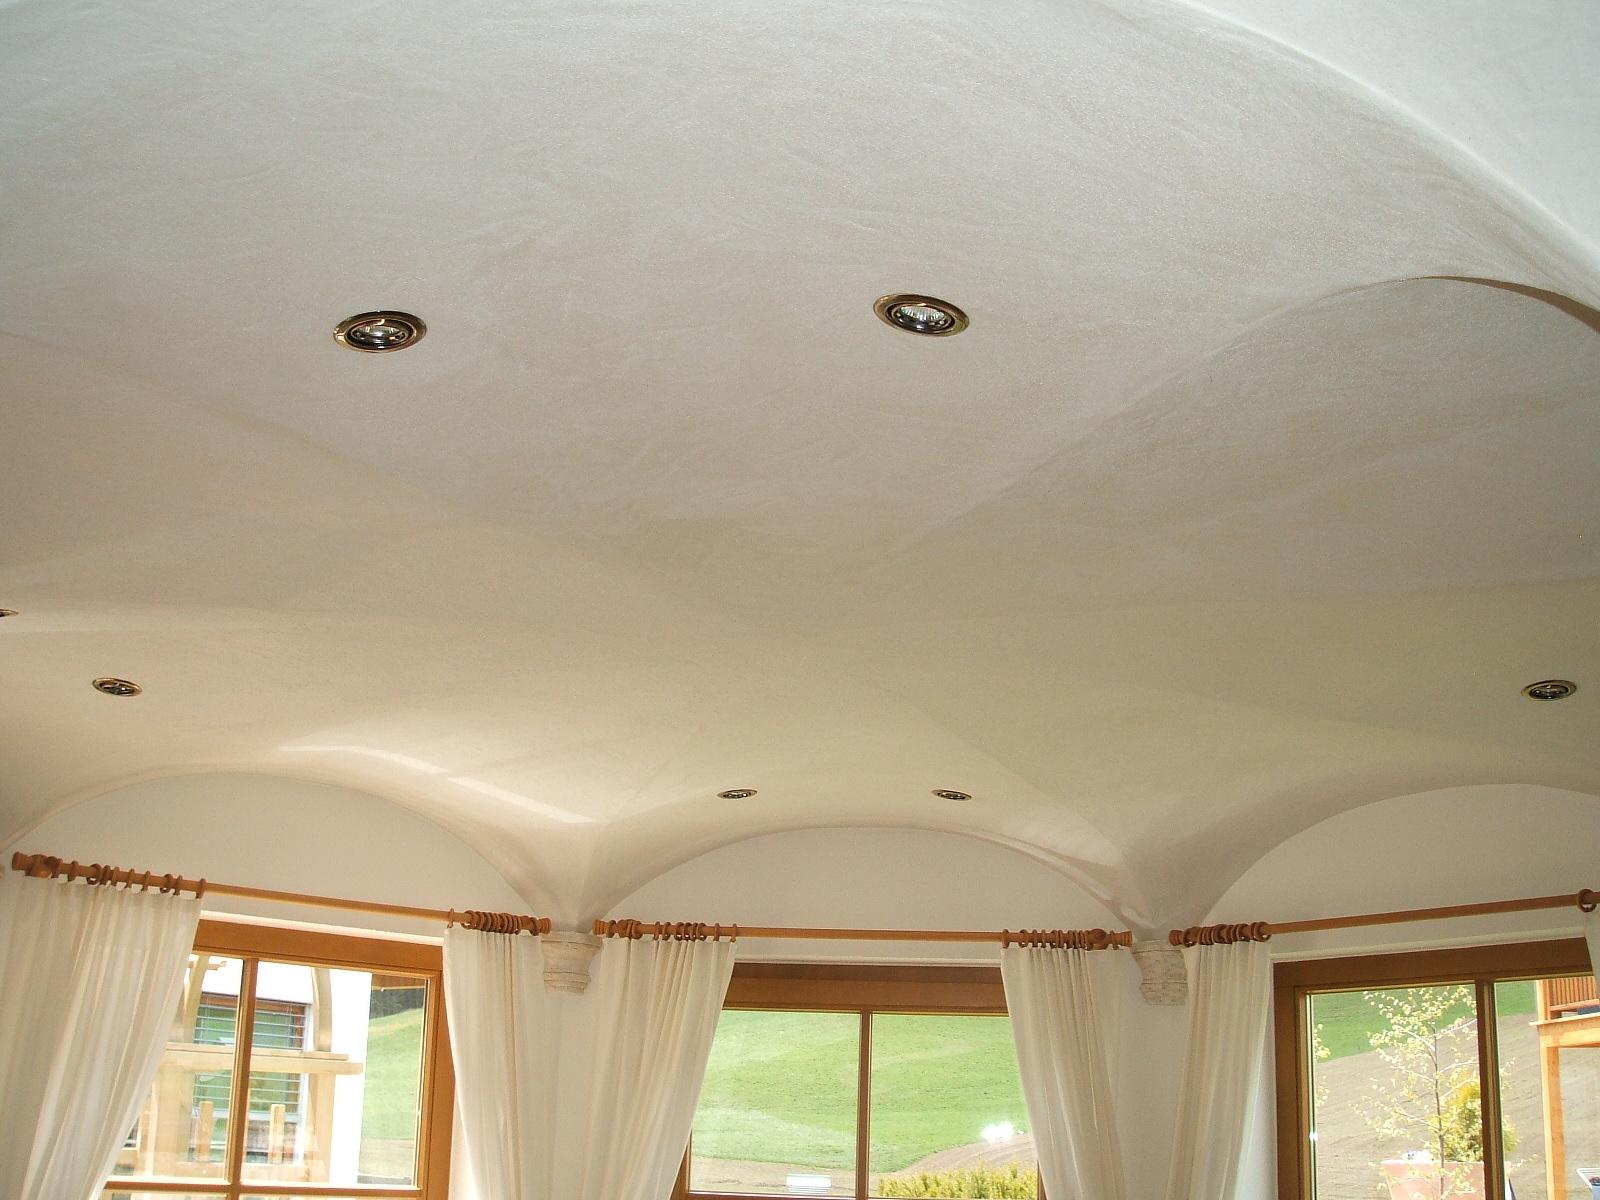 Wohnzimmer deckenlampen: ... h nge leuchte 25w smd led wohnzimmer ...